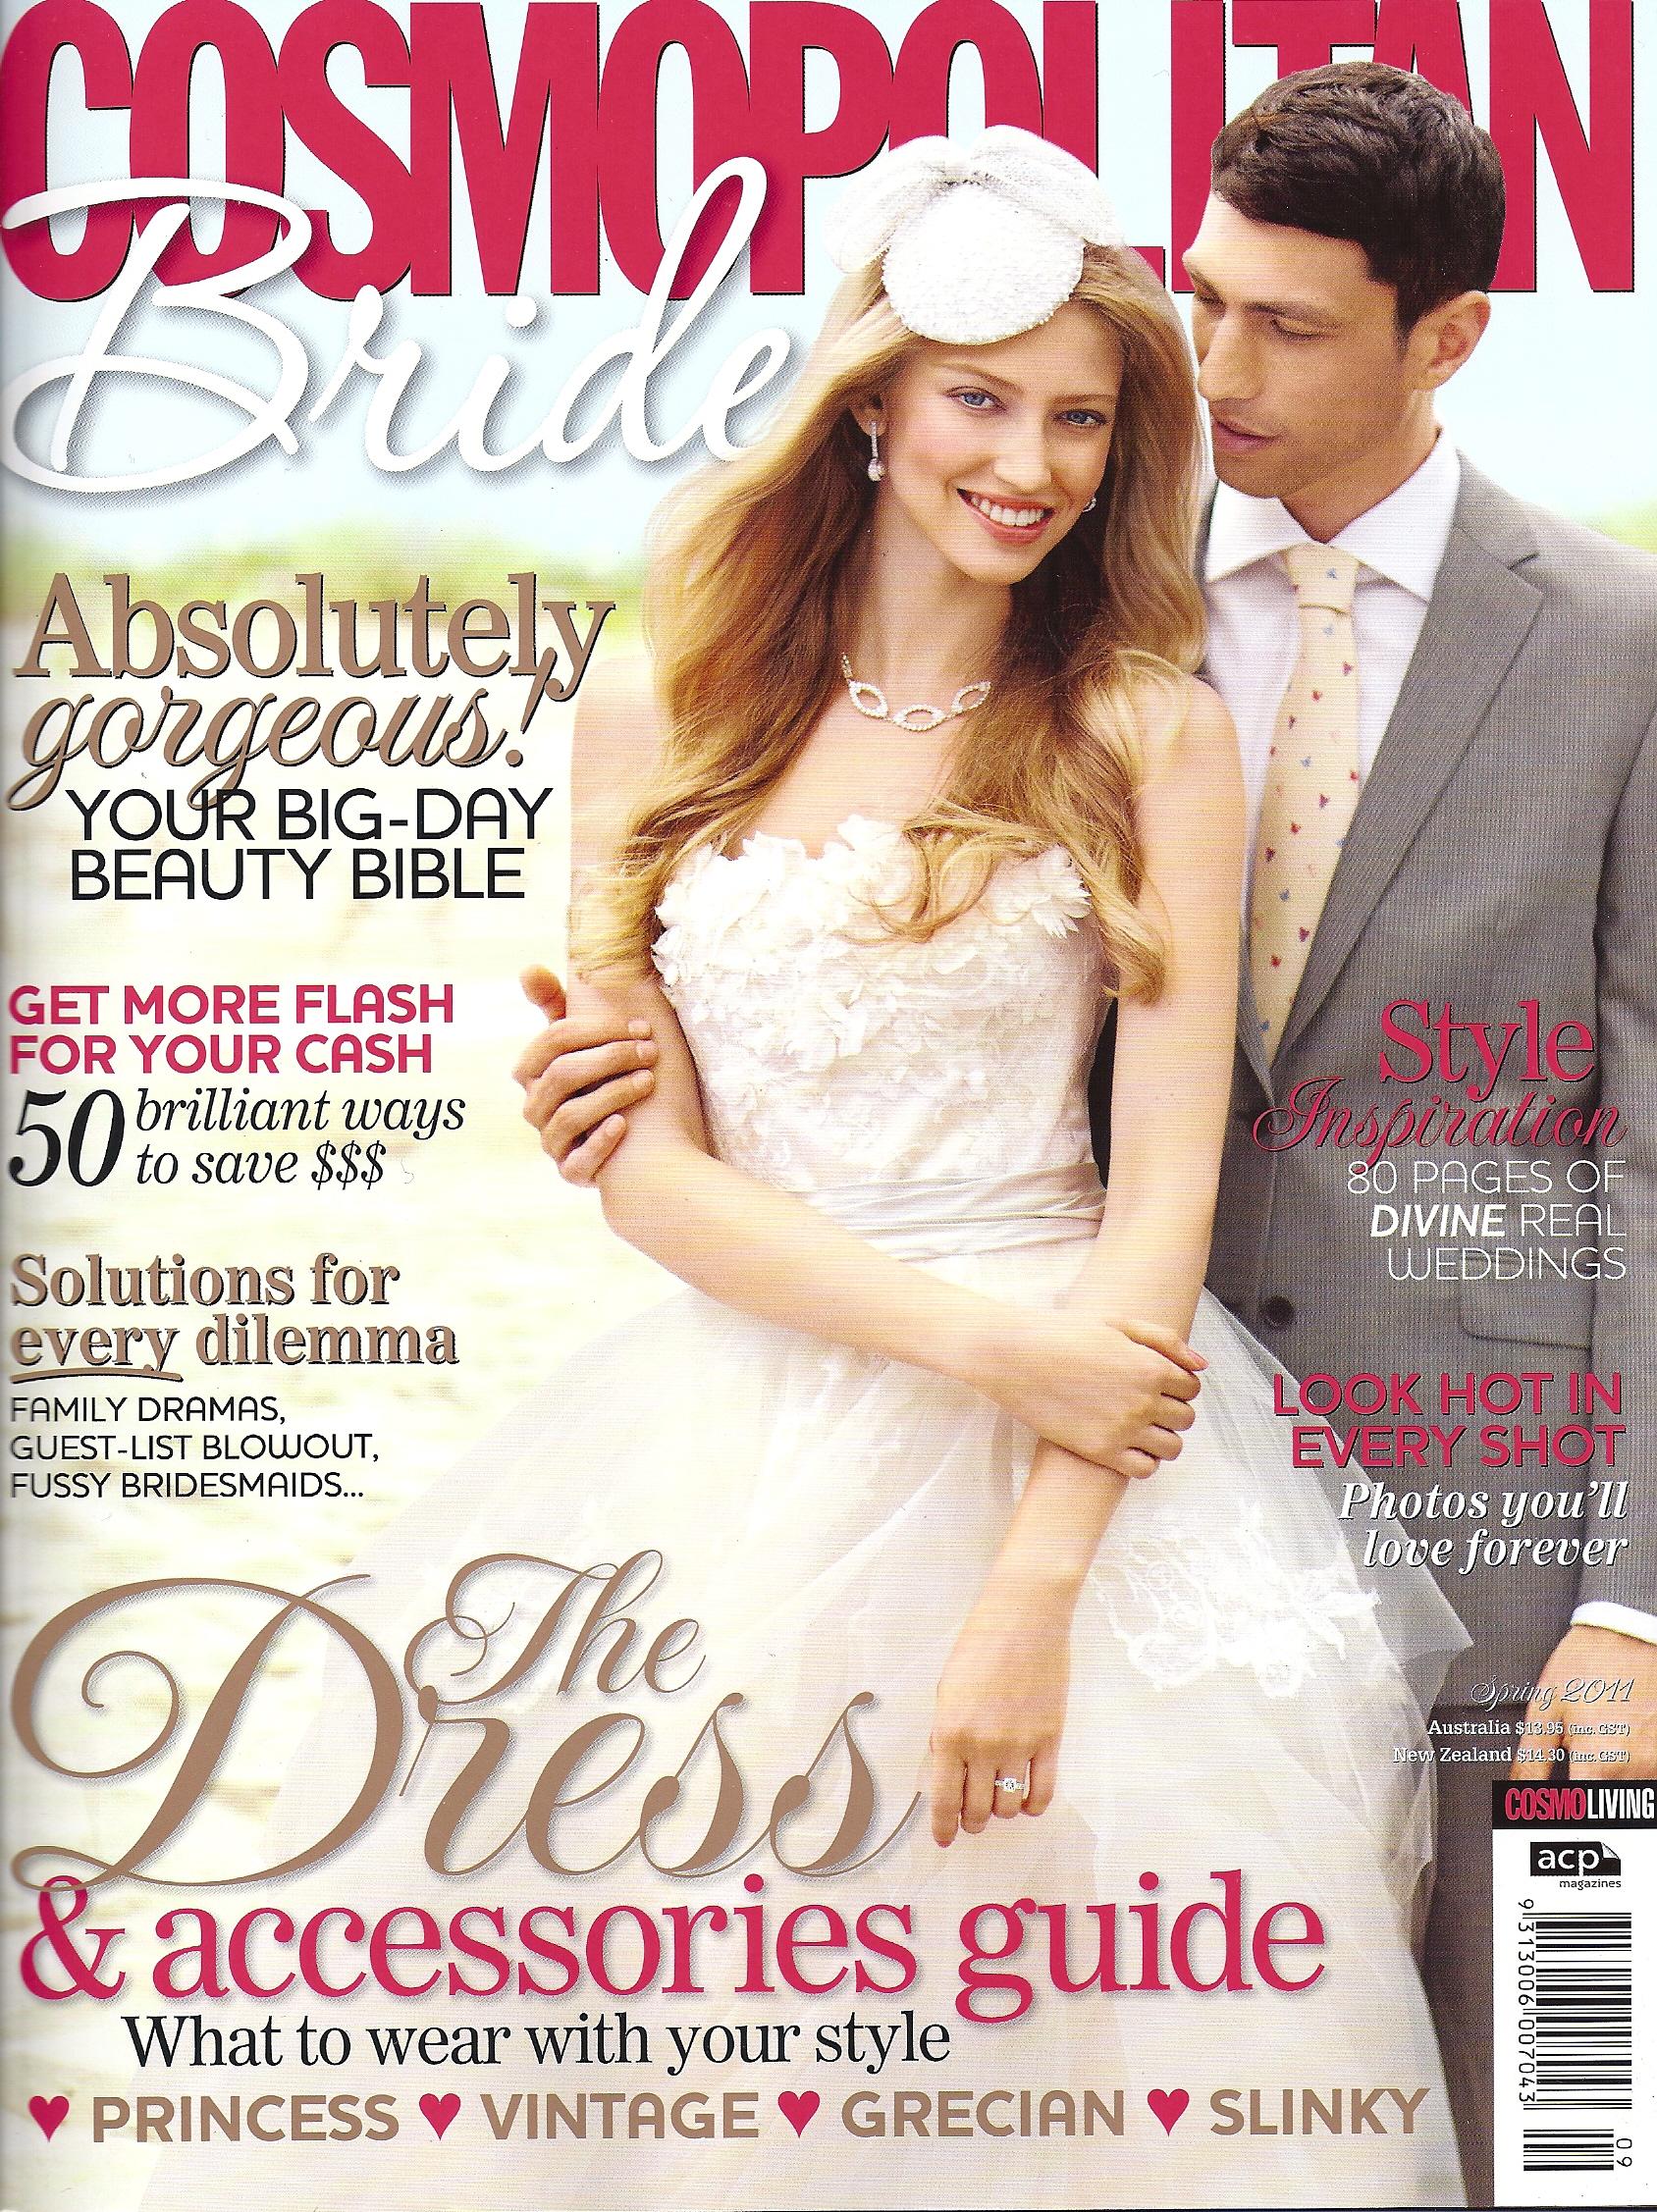 Cosmo Bride Spring '11